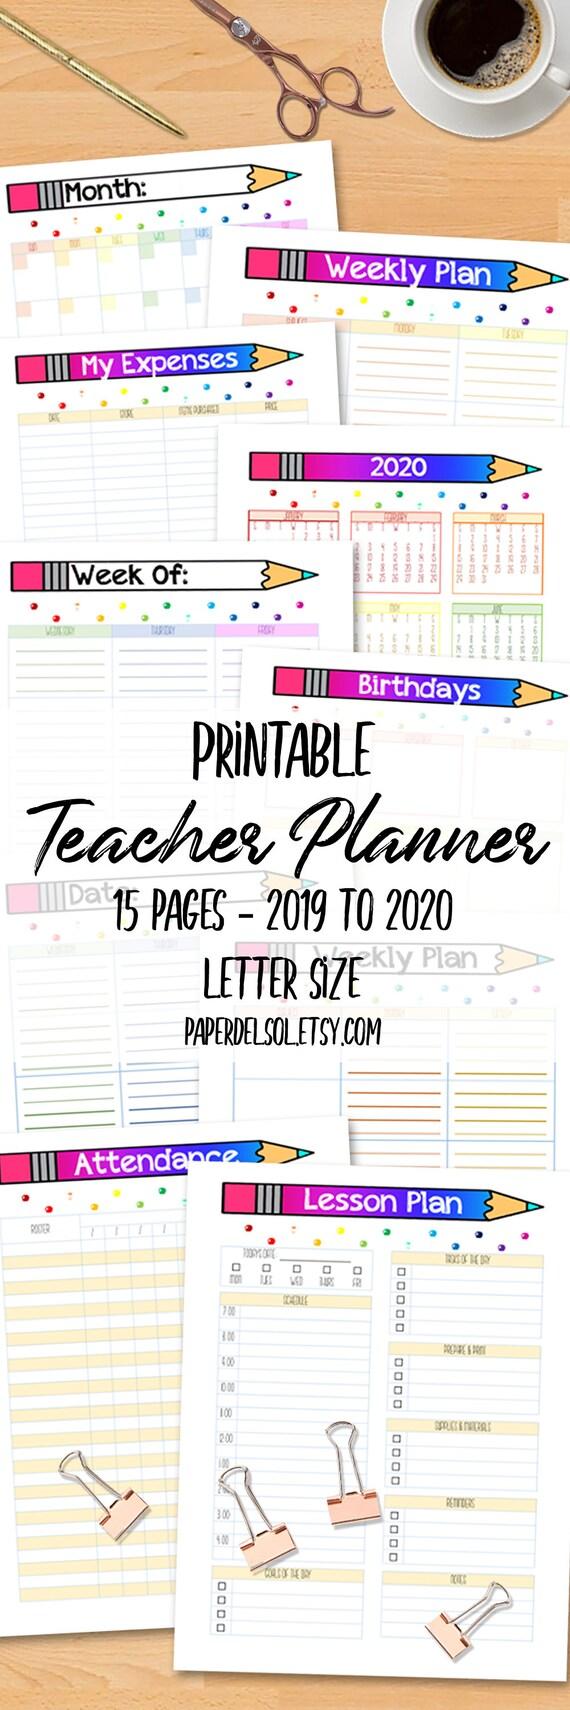 teacher lesson planner printable